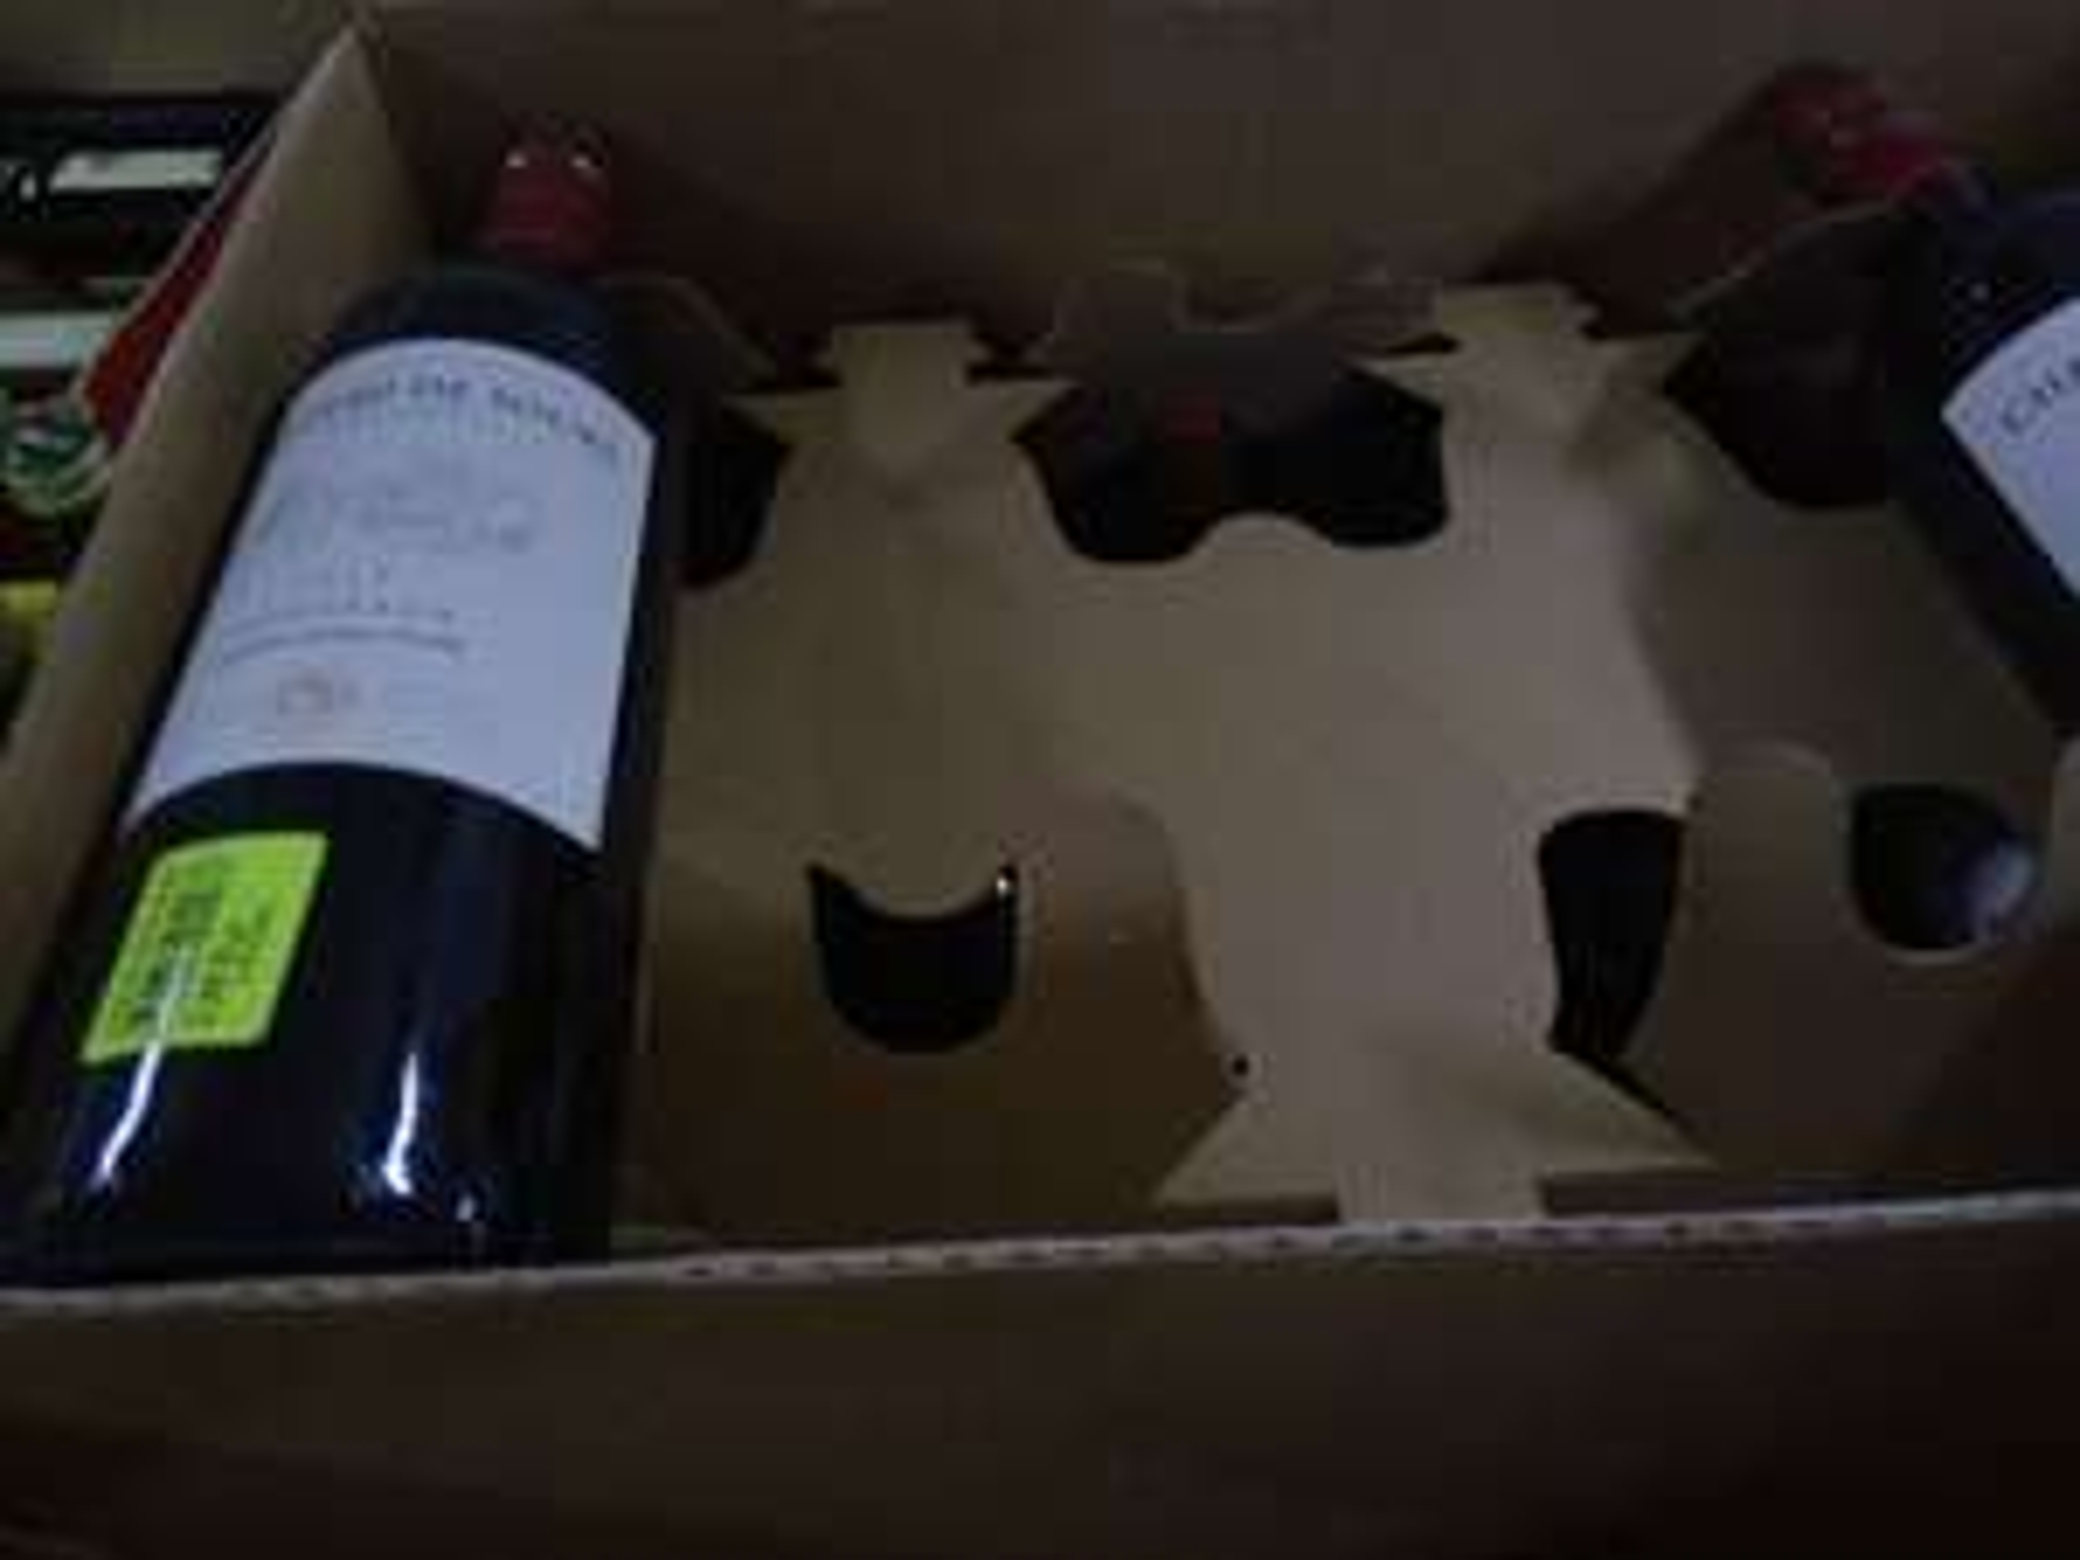 1 Bouteille de Vin Château de Sours 2012 - 75cl - Saumur (49)